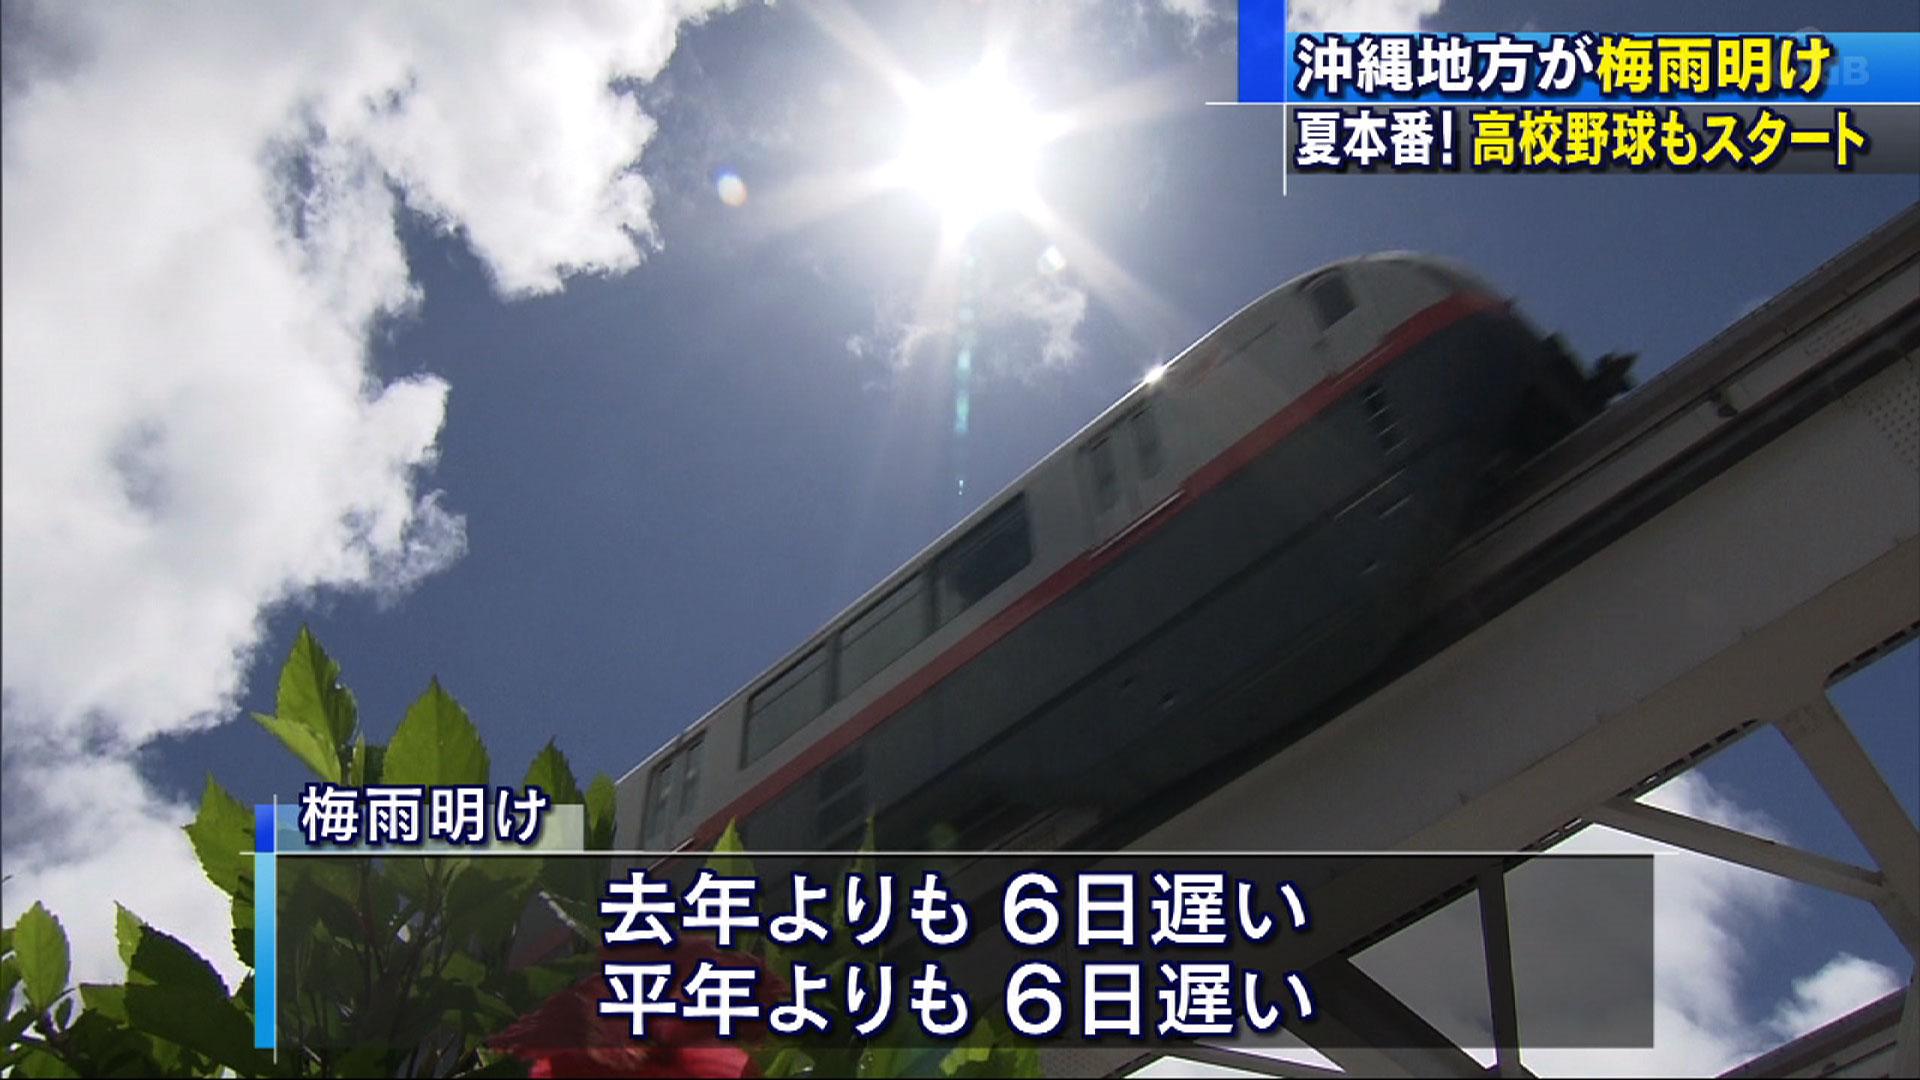 沖縄地方が梅雨明け 去年より6日遅く